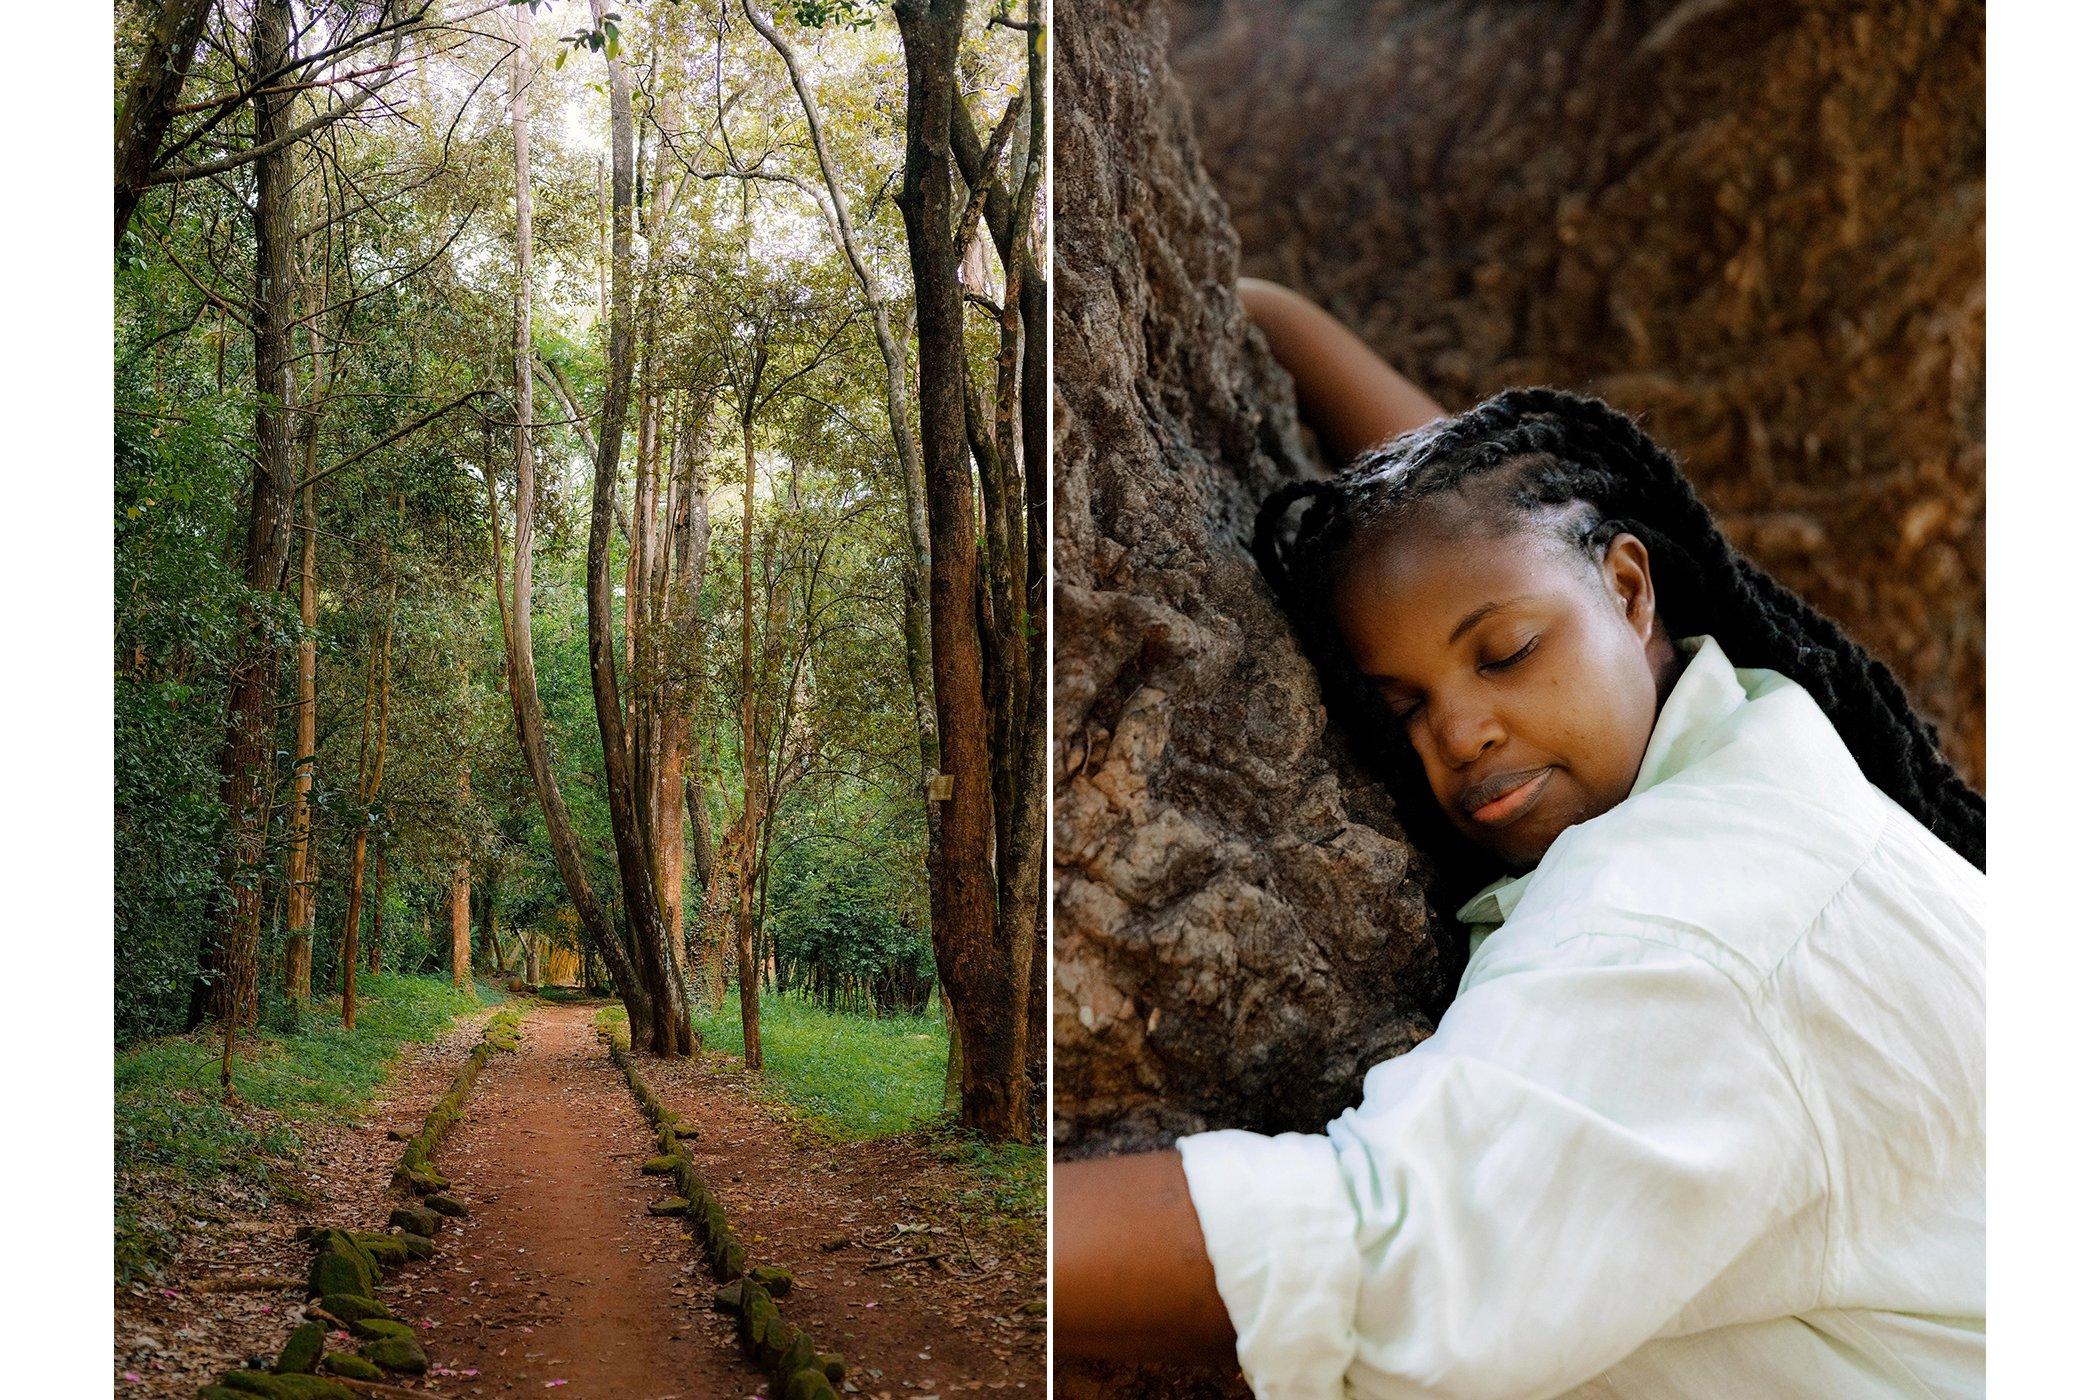 IMOW_WinnieCheche_RootsofAfrikaForGlobalCitizen_Diptych1.jpg